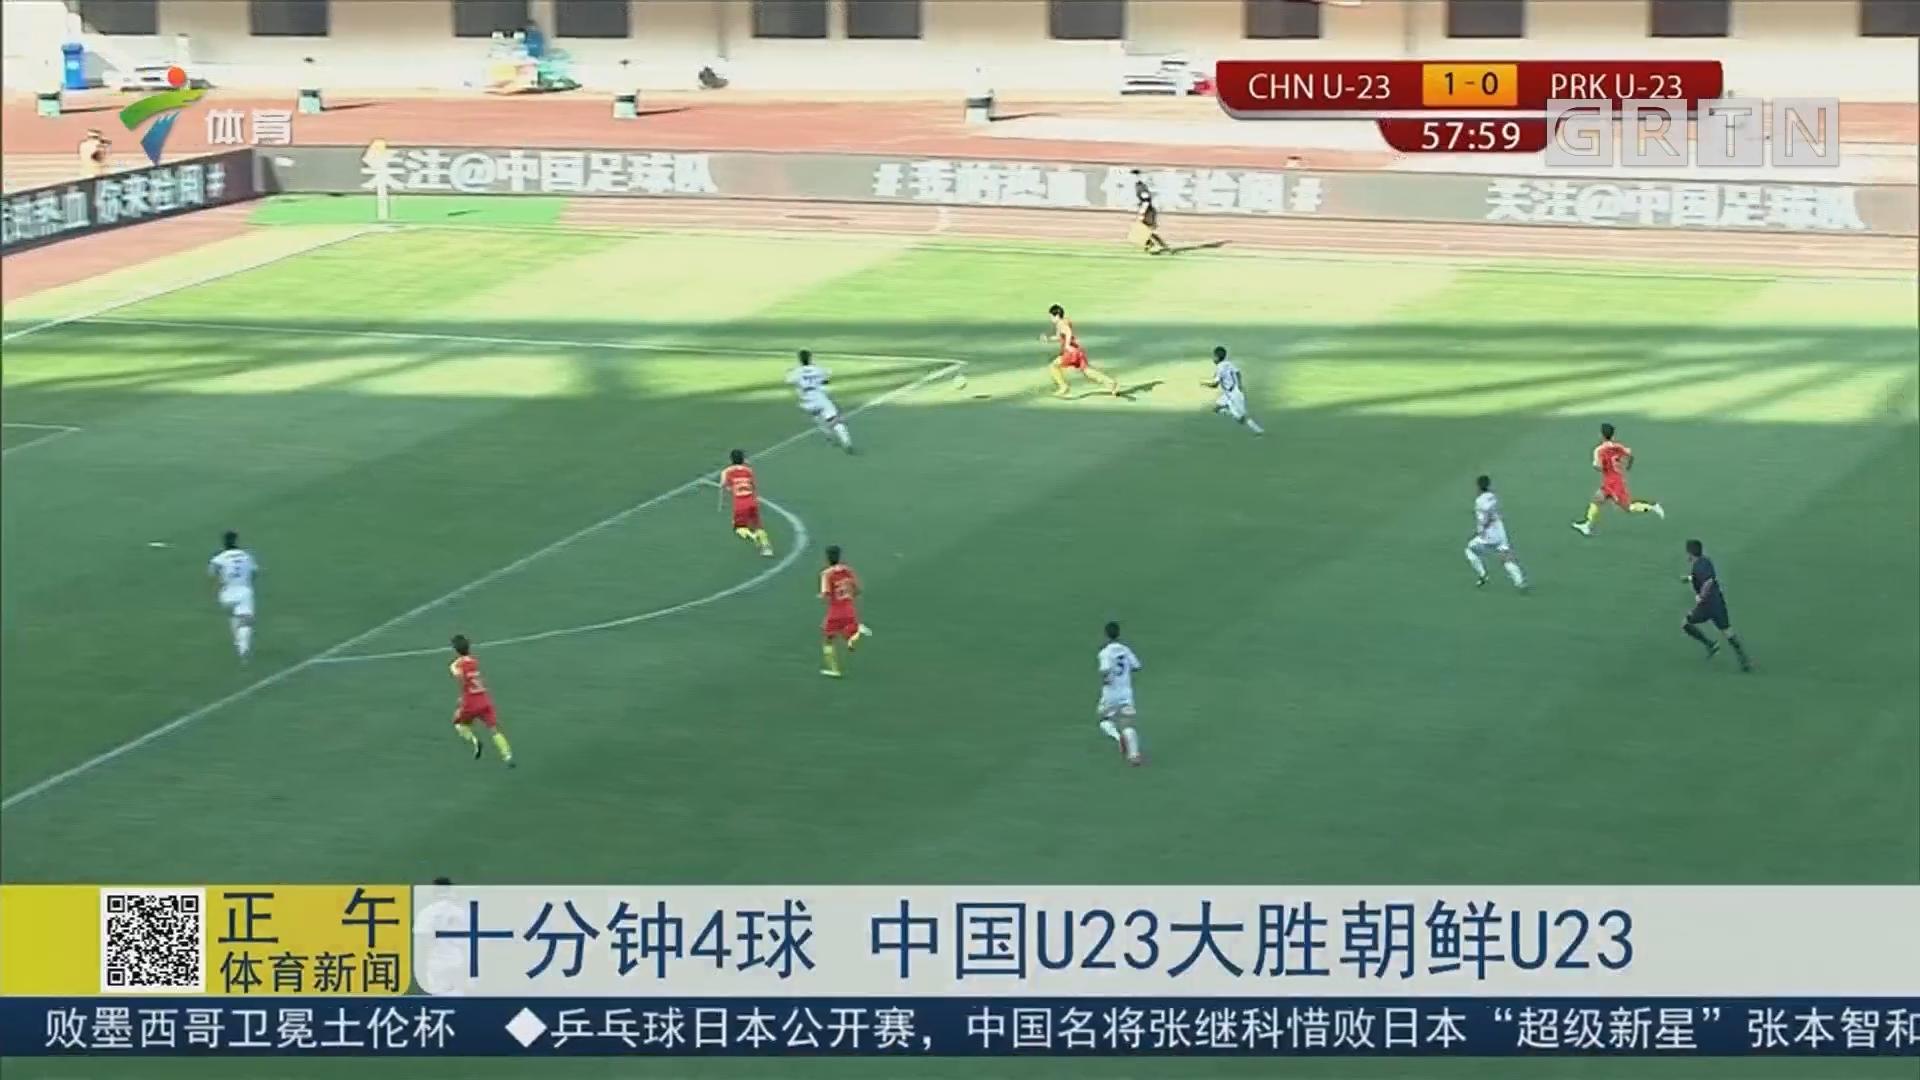 十分钟4球 中国U23大胜朝鲜U23